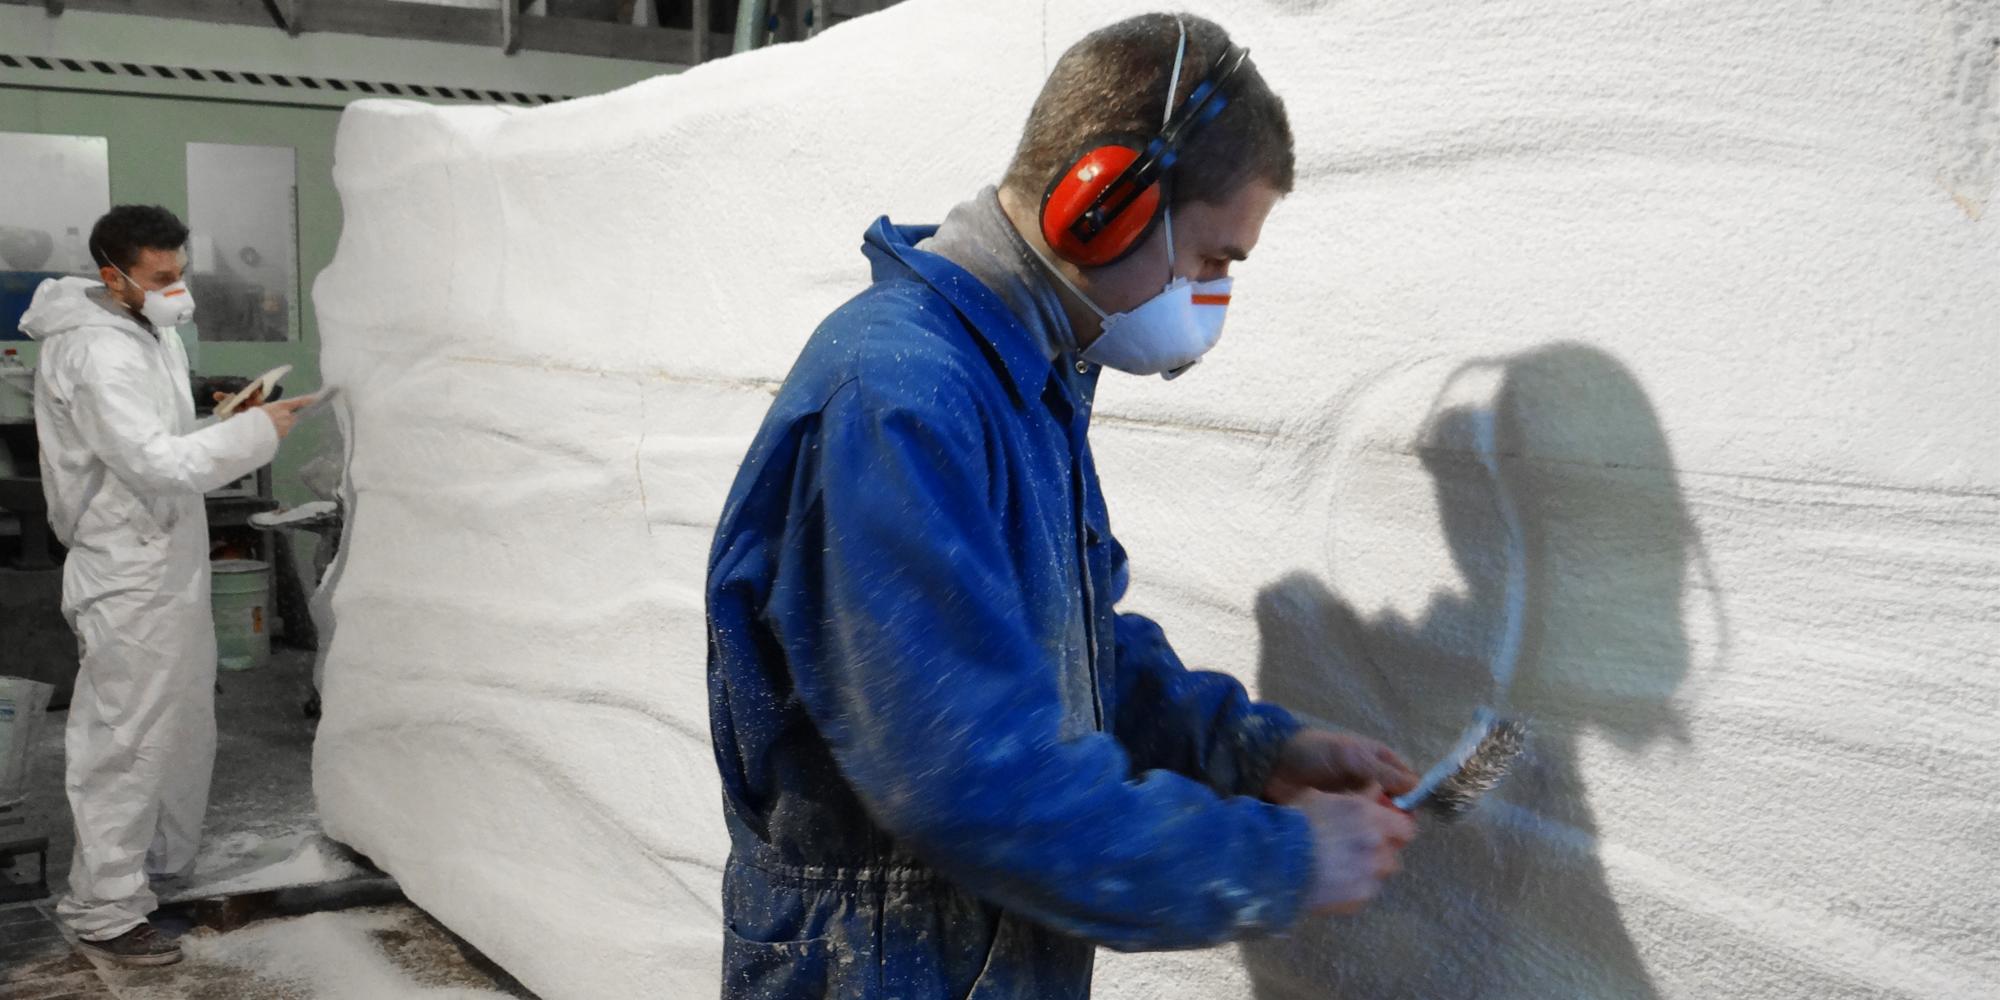 étape de travail de sculpture surdimensionnée sur polystyrène